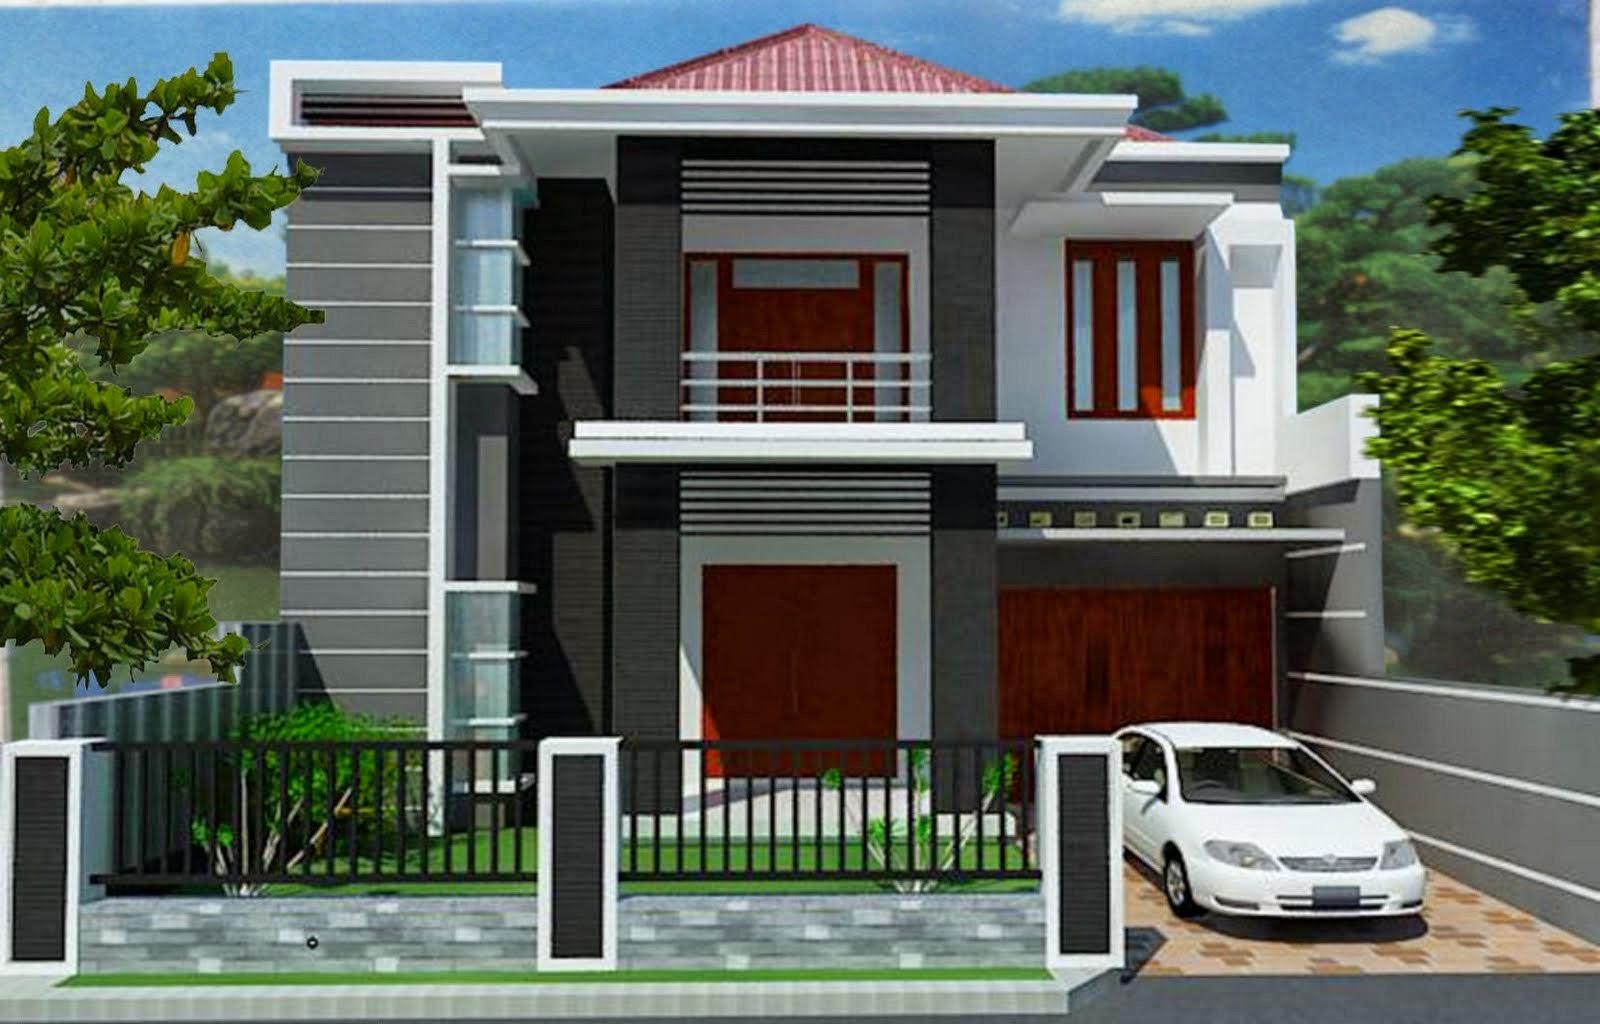 Kumpulan Desain Rumah Mewah Minimalis 2 Lantai Design Rumah